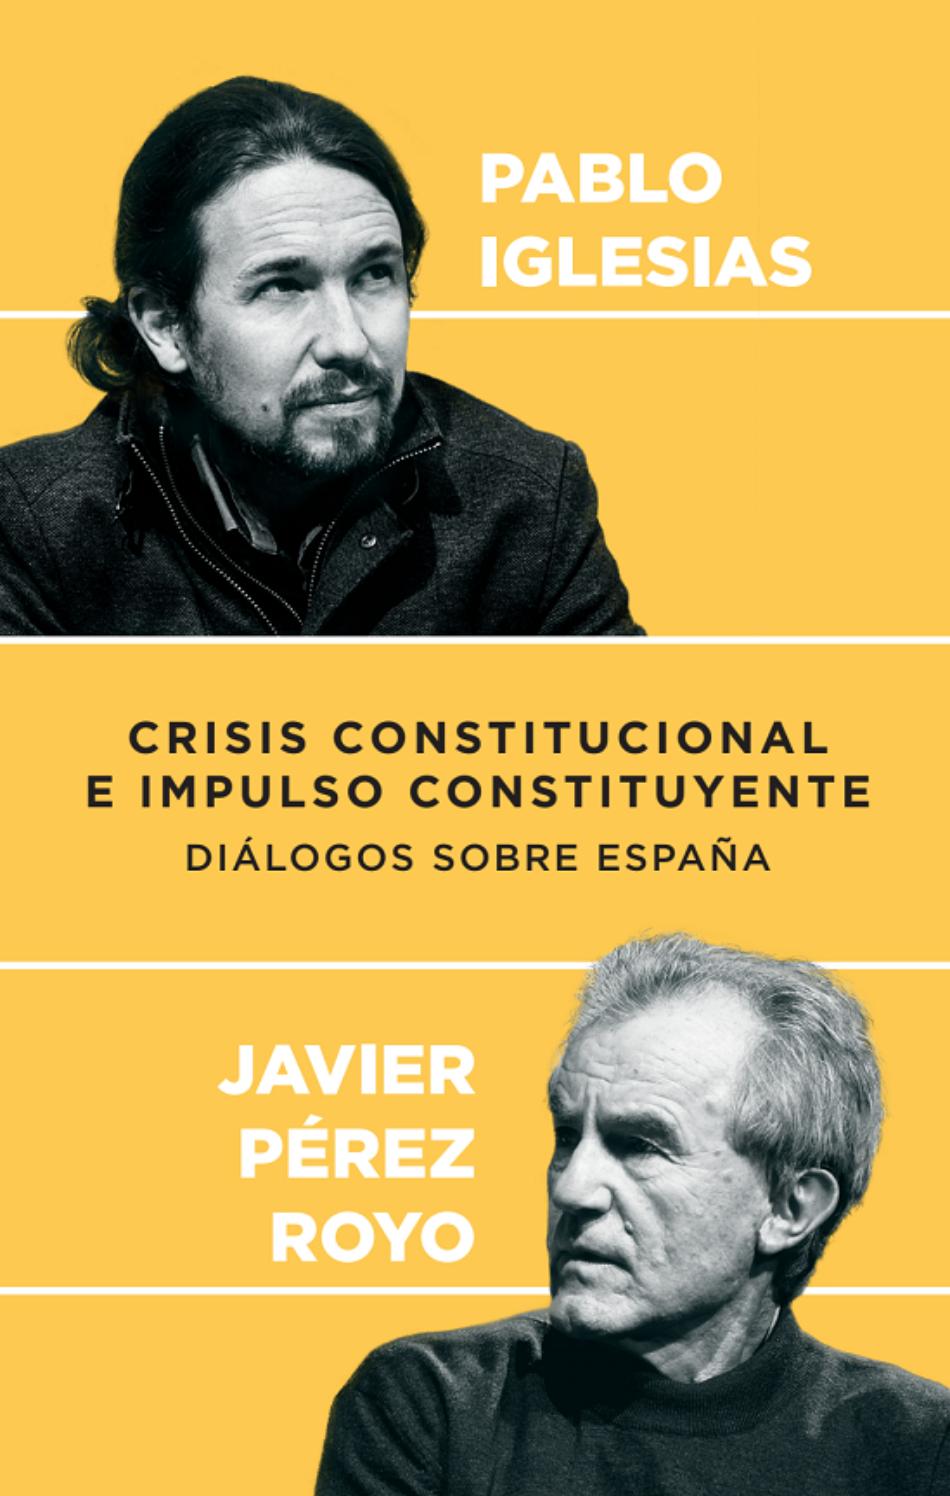 «Crisis constitucional e impulso constituyente. Diálogos sobre España». Pablo Iglesias y Javier Pérez Royo